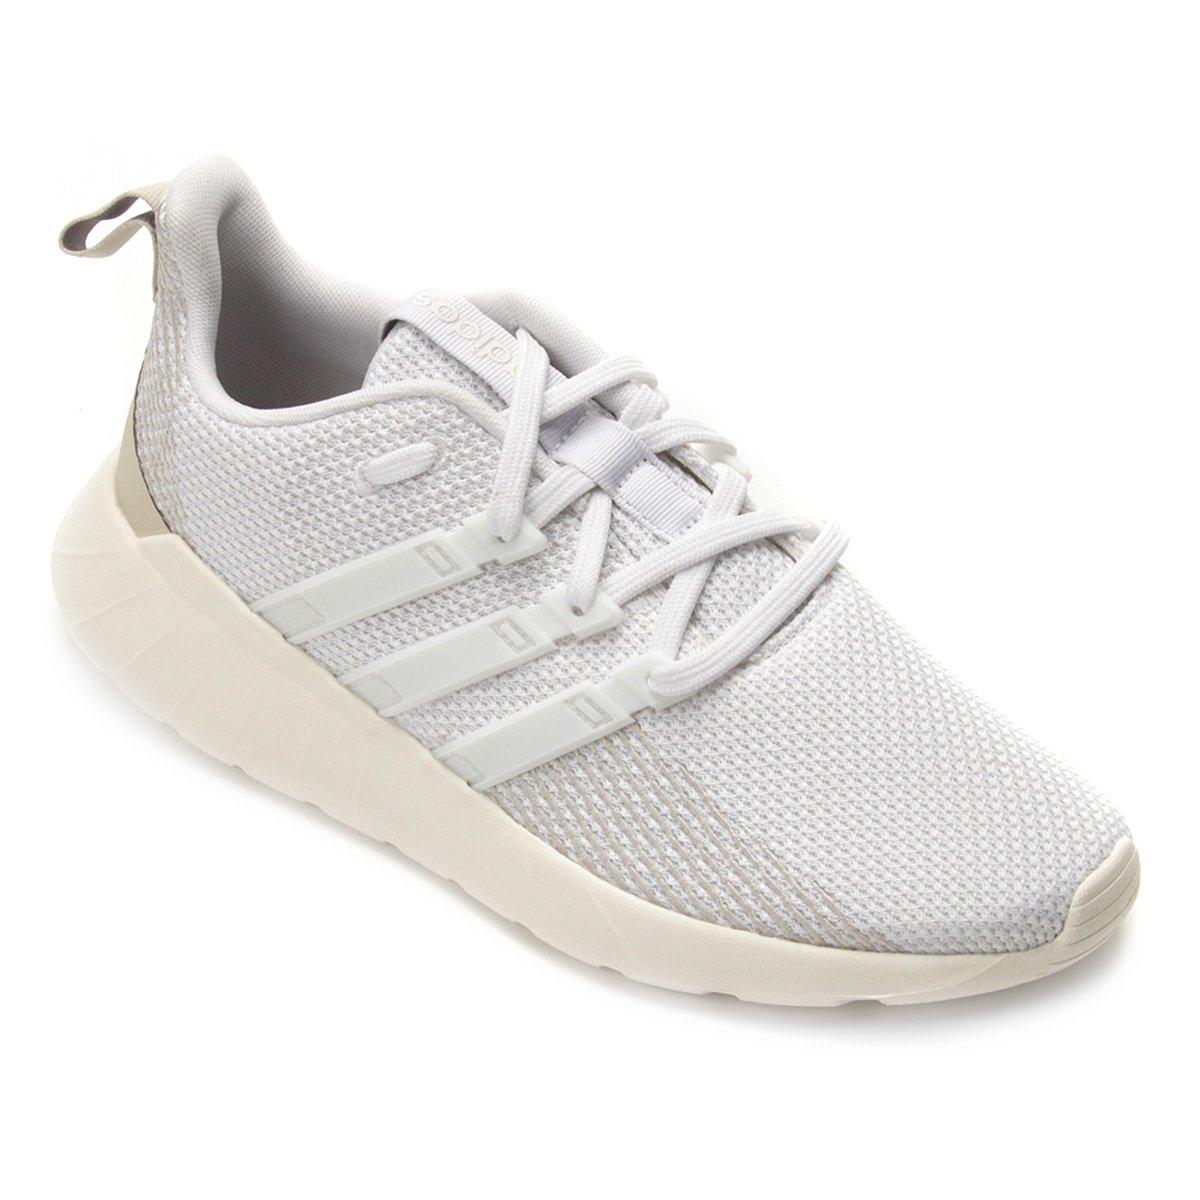 e8c6ce033 Tênis Adidas Questar Flow Masculino